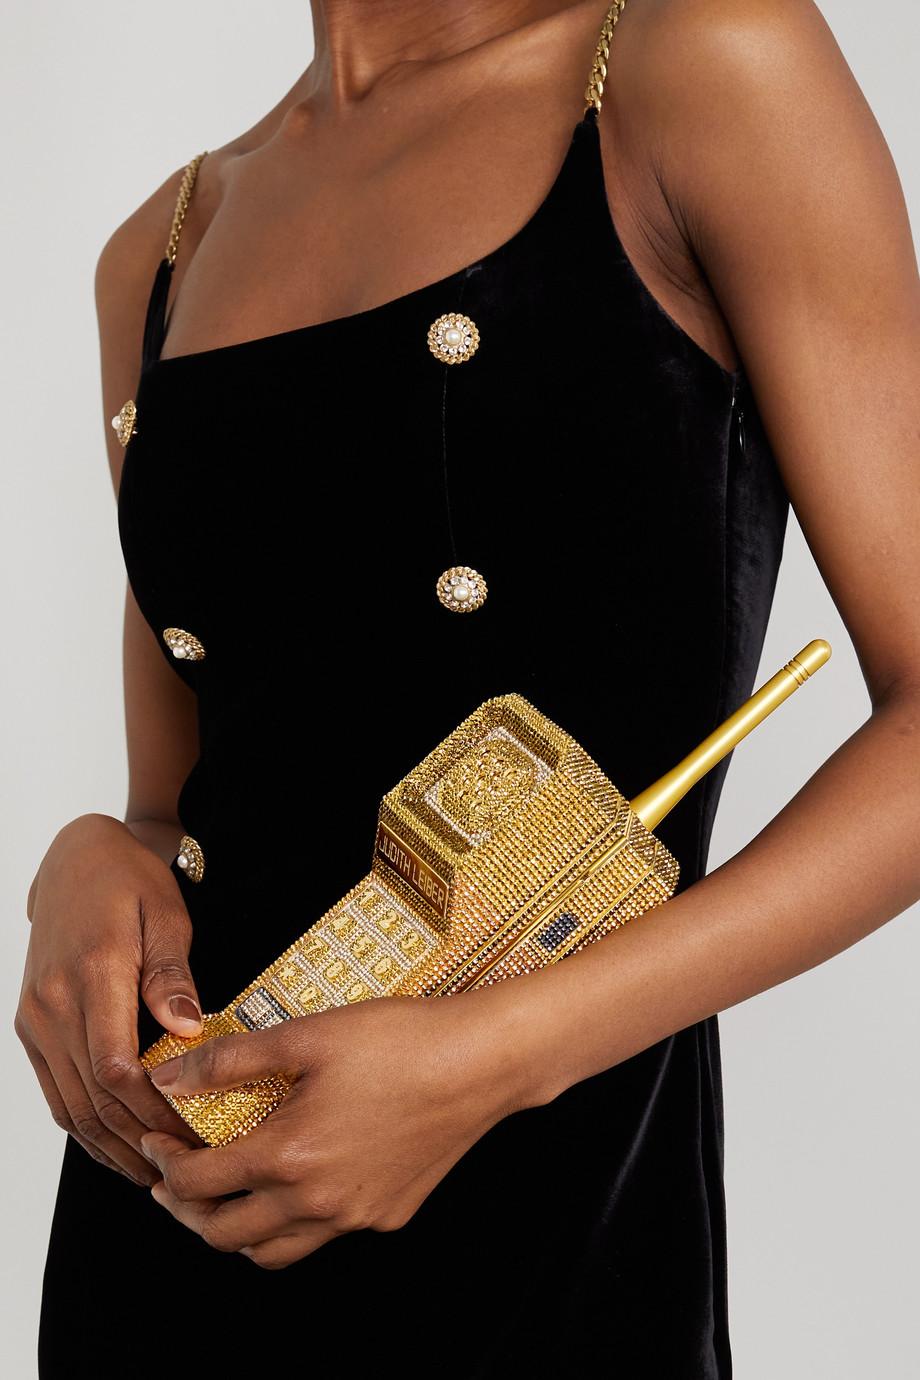 Judith Leiber Couture Brick Phone goldfarbene Clutch mit Kristallen